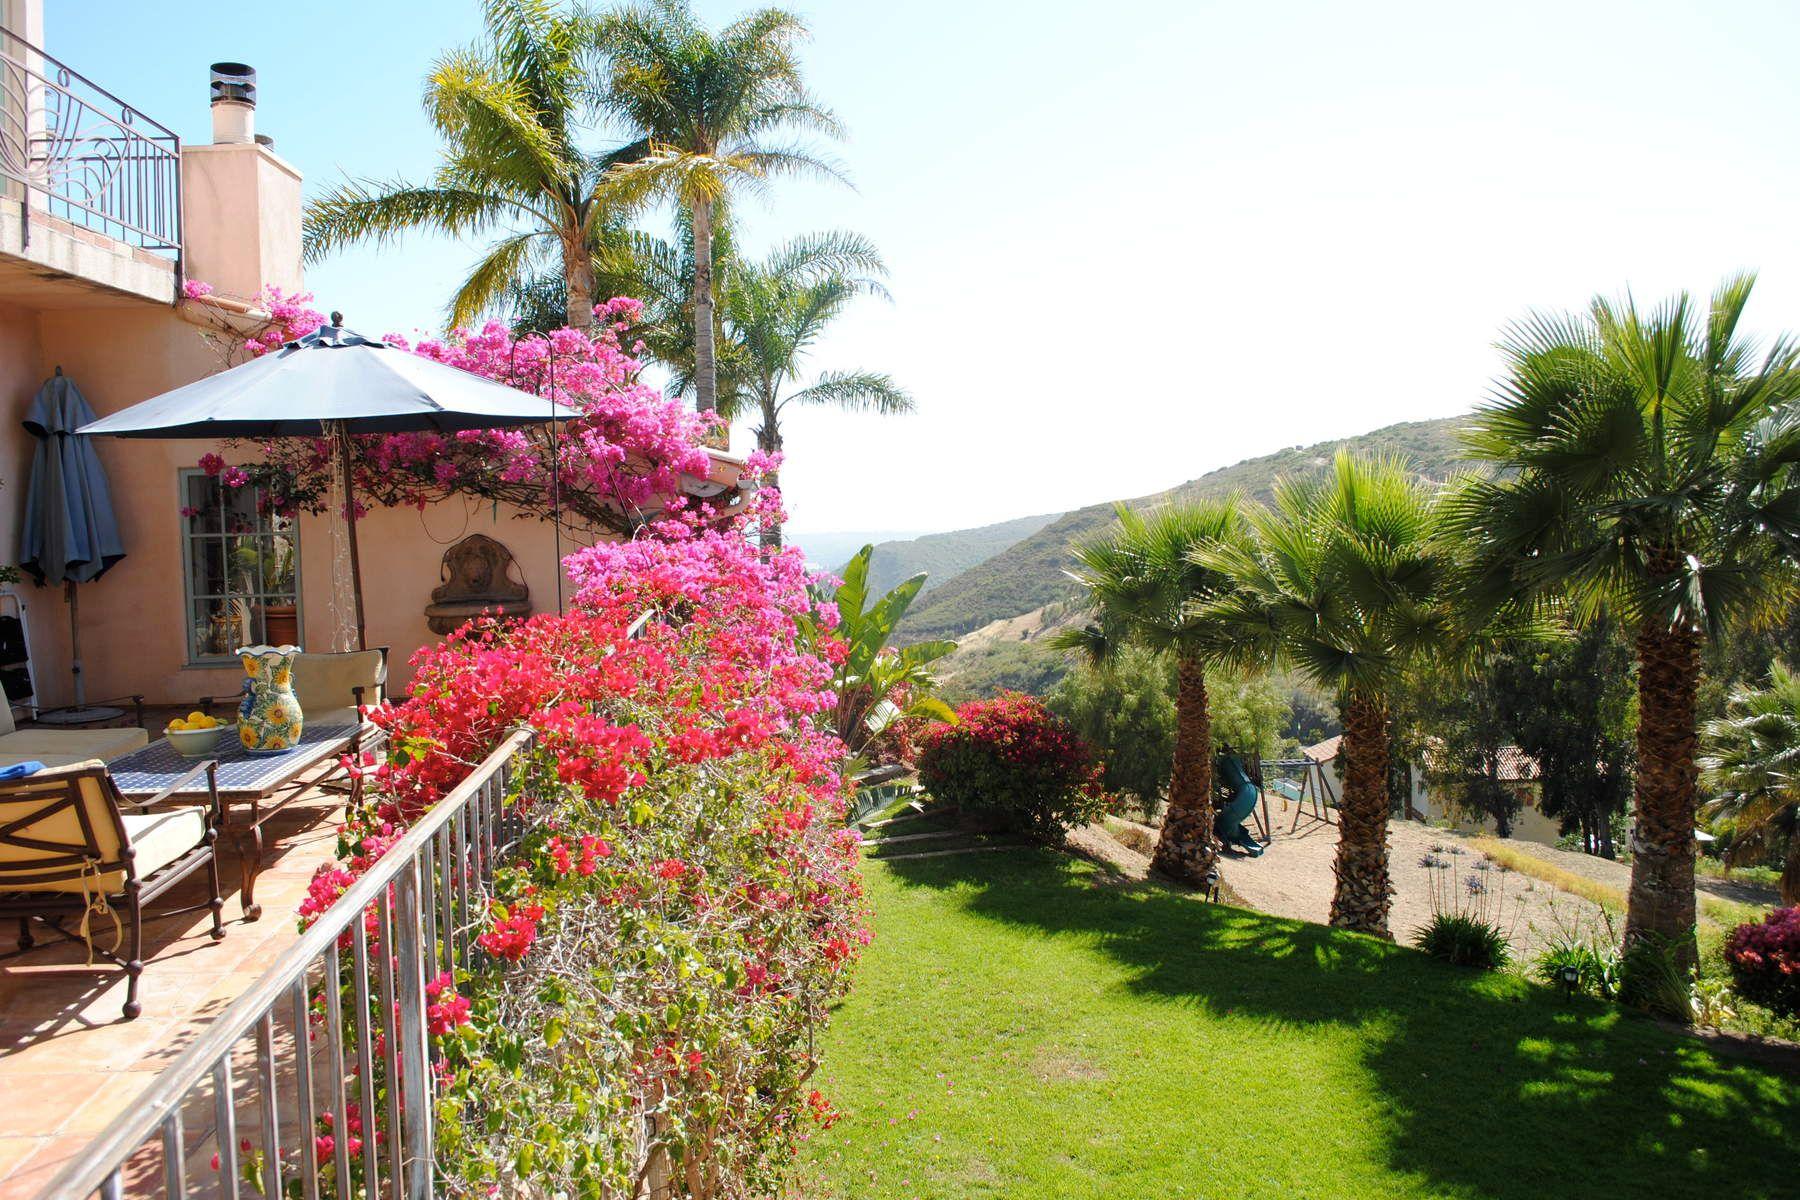 Частный односемейный дом для того Продажа на 2900 Valmere Drive Malibu, Калифорния, 90265 Соединенные Штаты